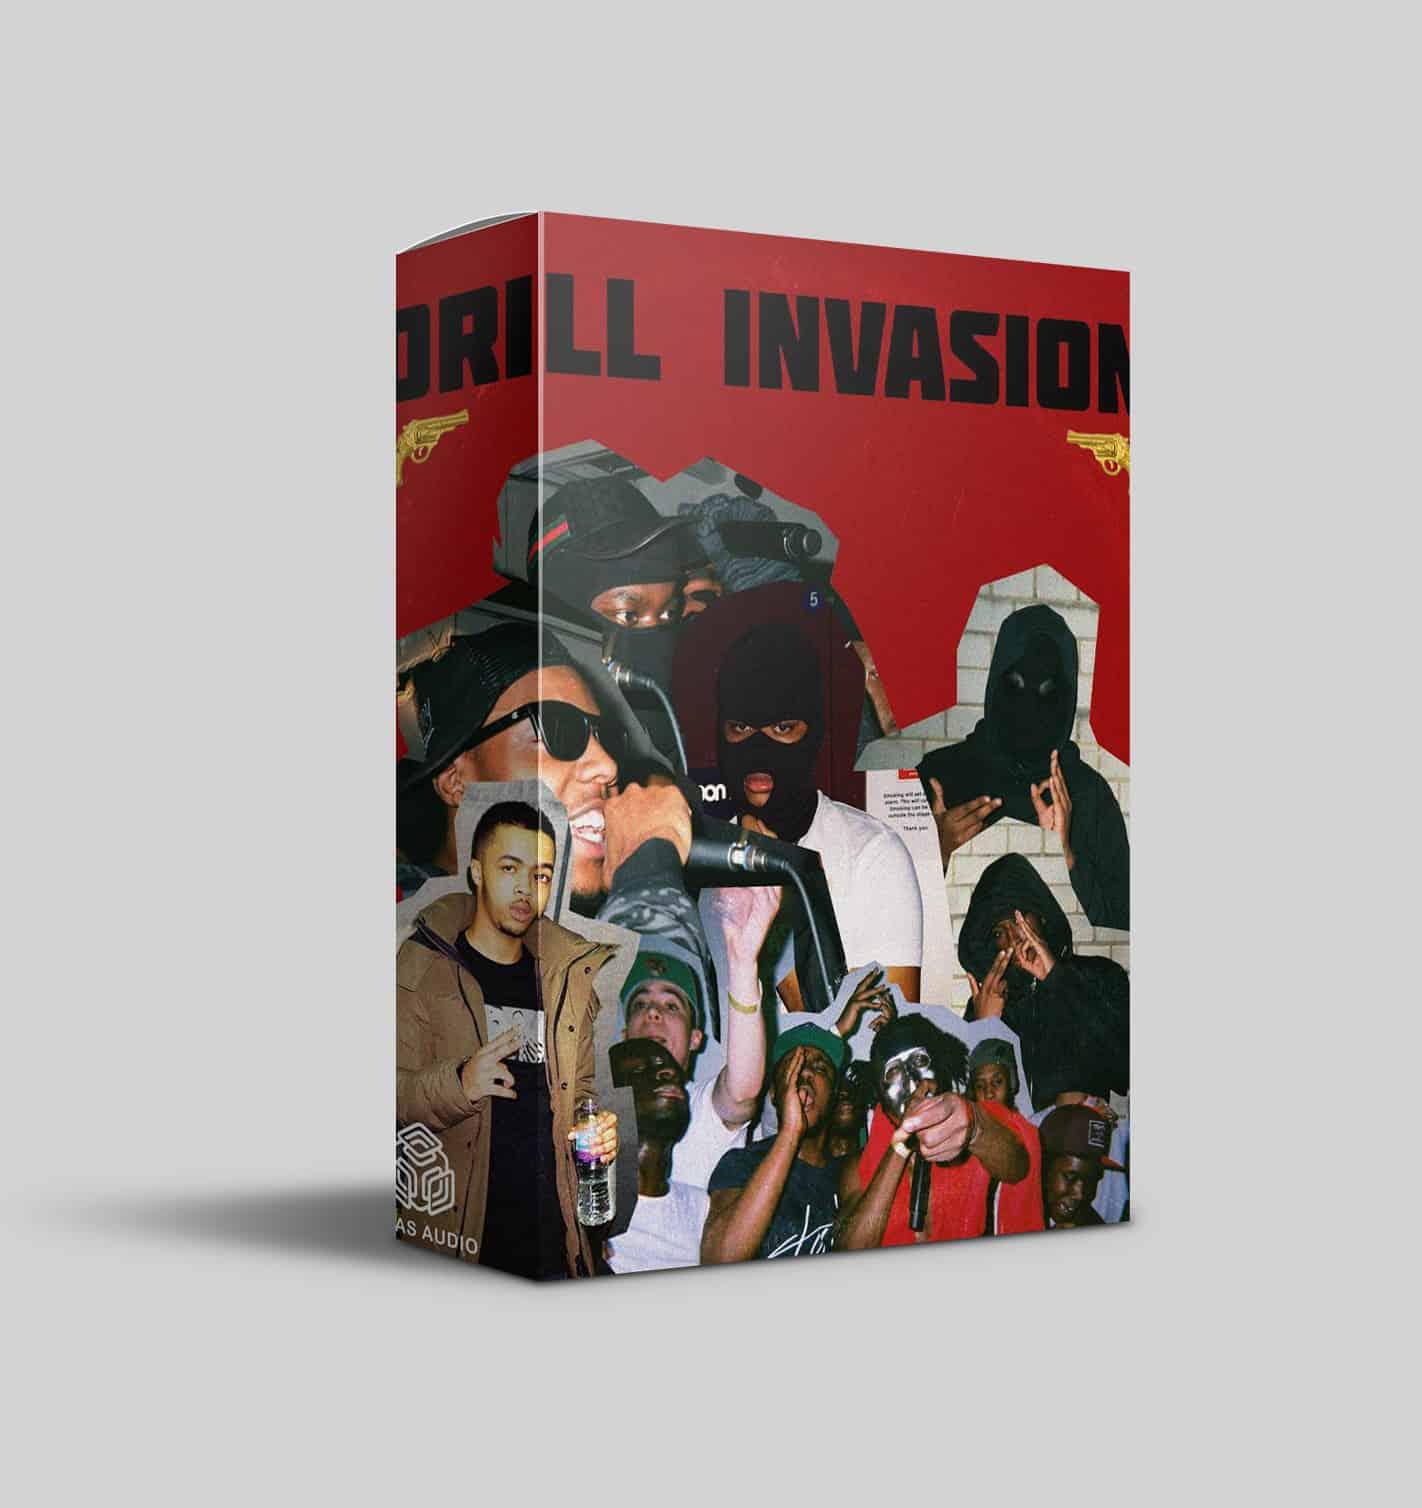 Atlas Audio - Drill Invasion